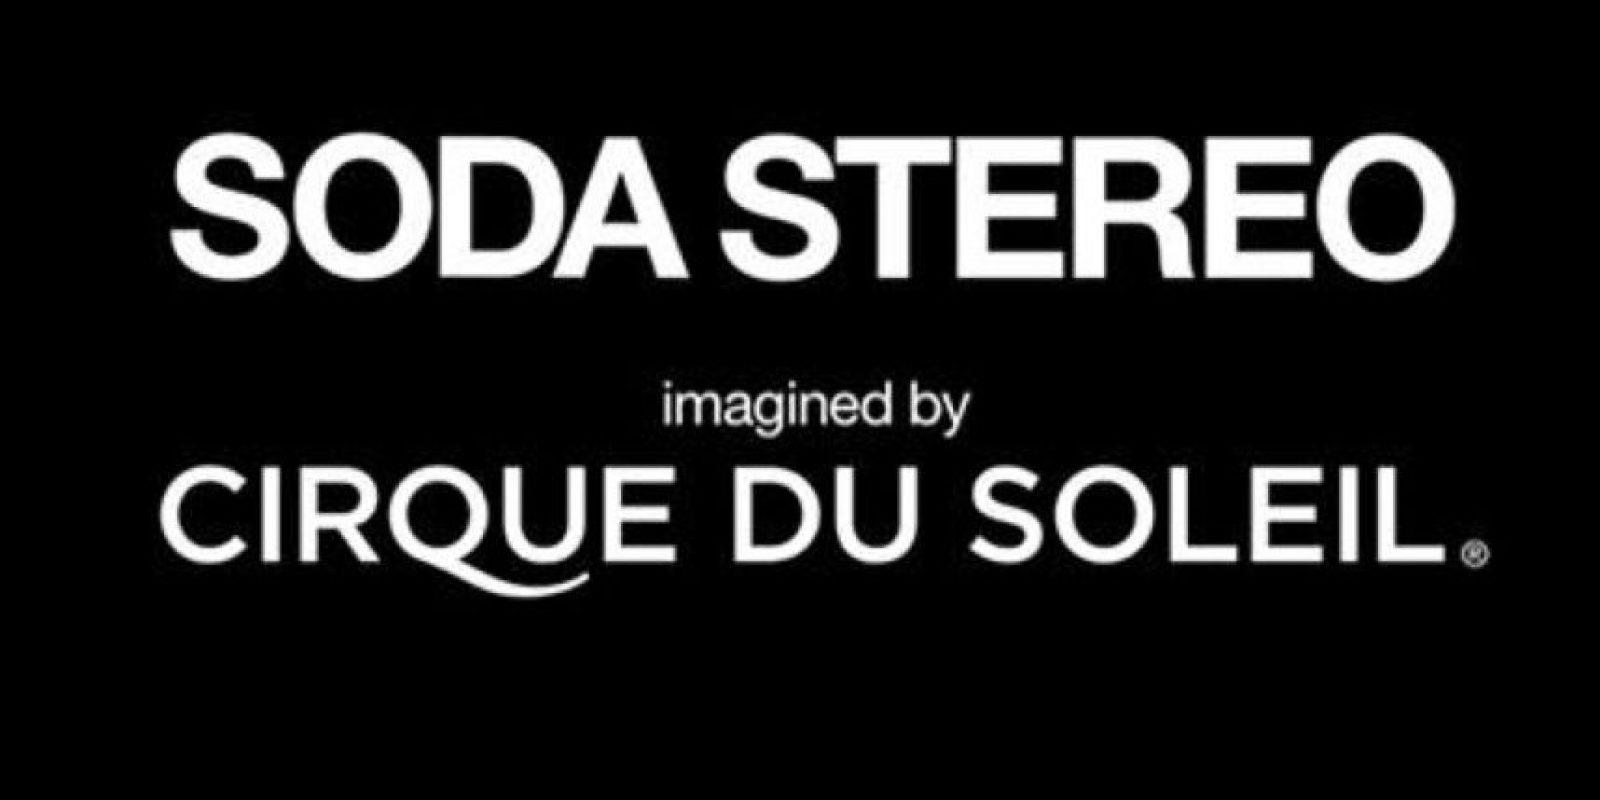 La compañía de circo más importante del mundo hará una obra con música de la banda argentina. Foto:Facebook/SodaStereo